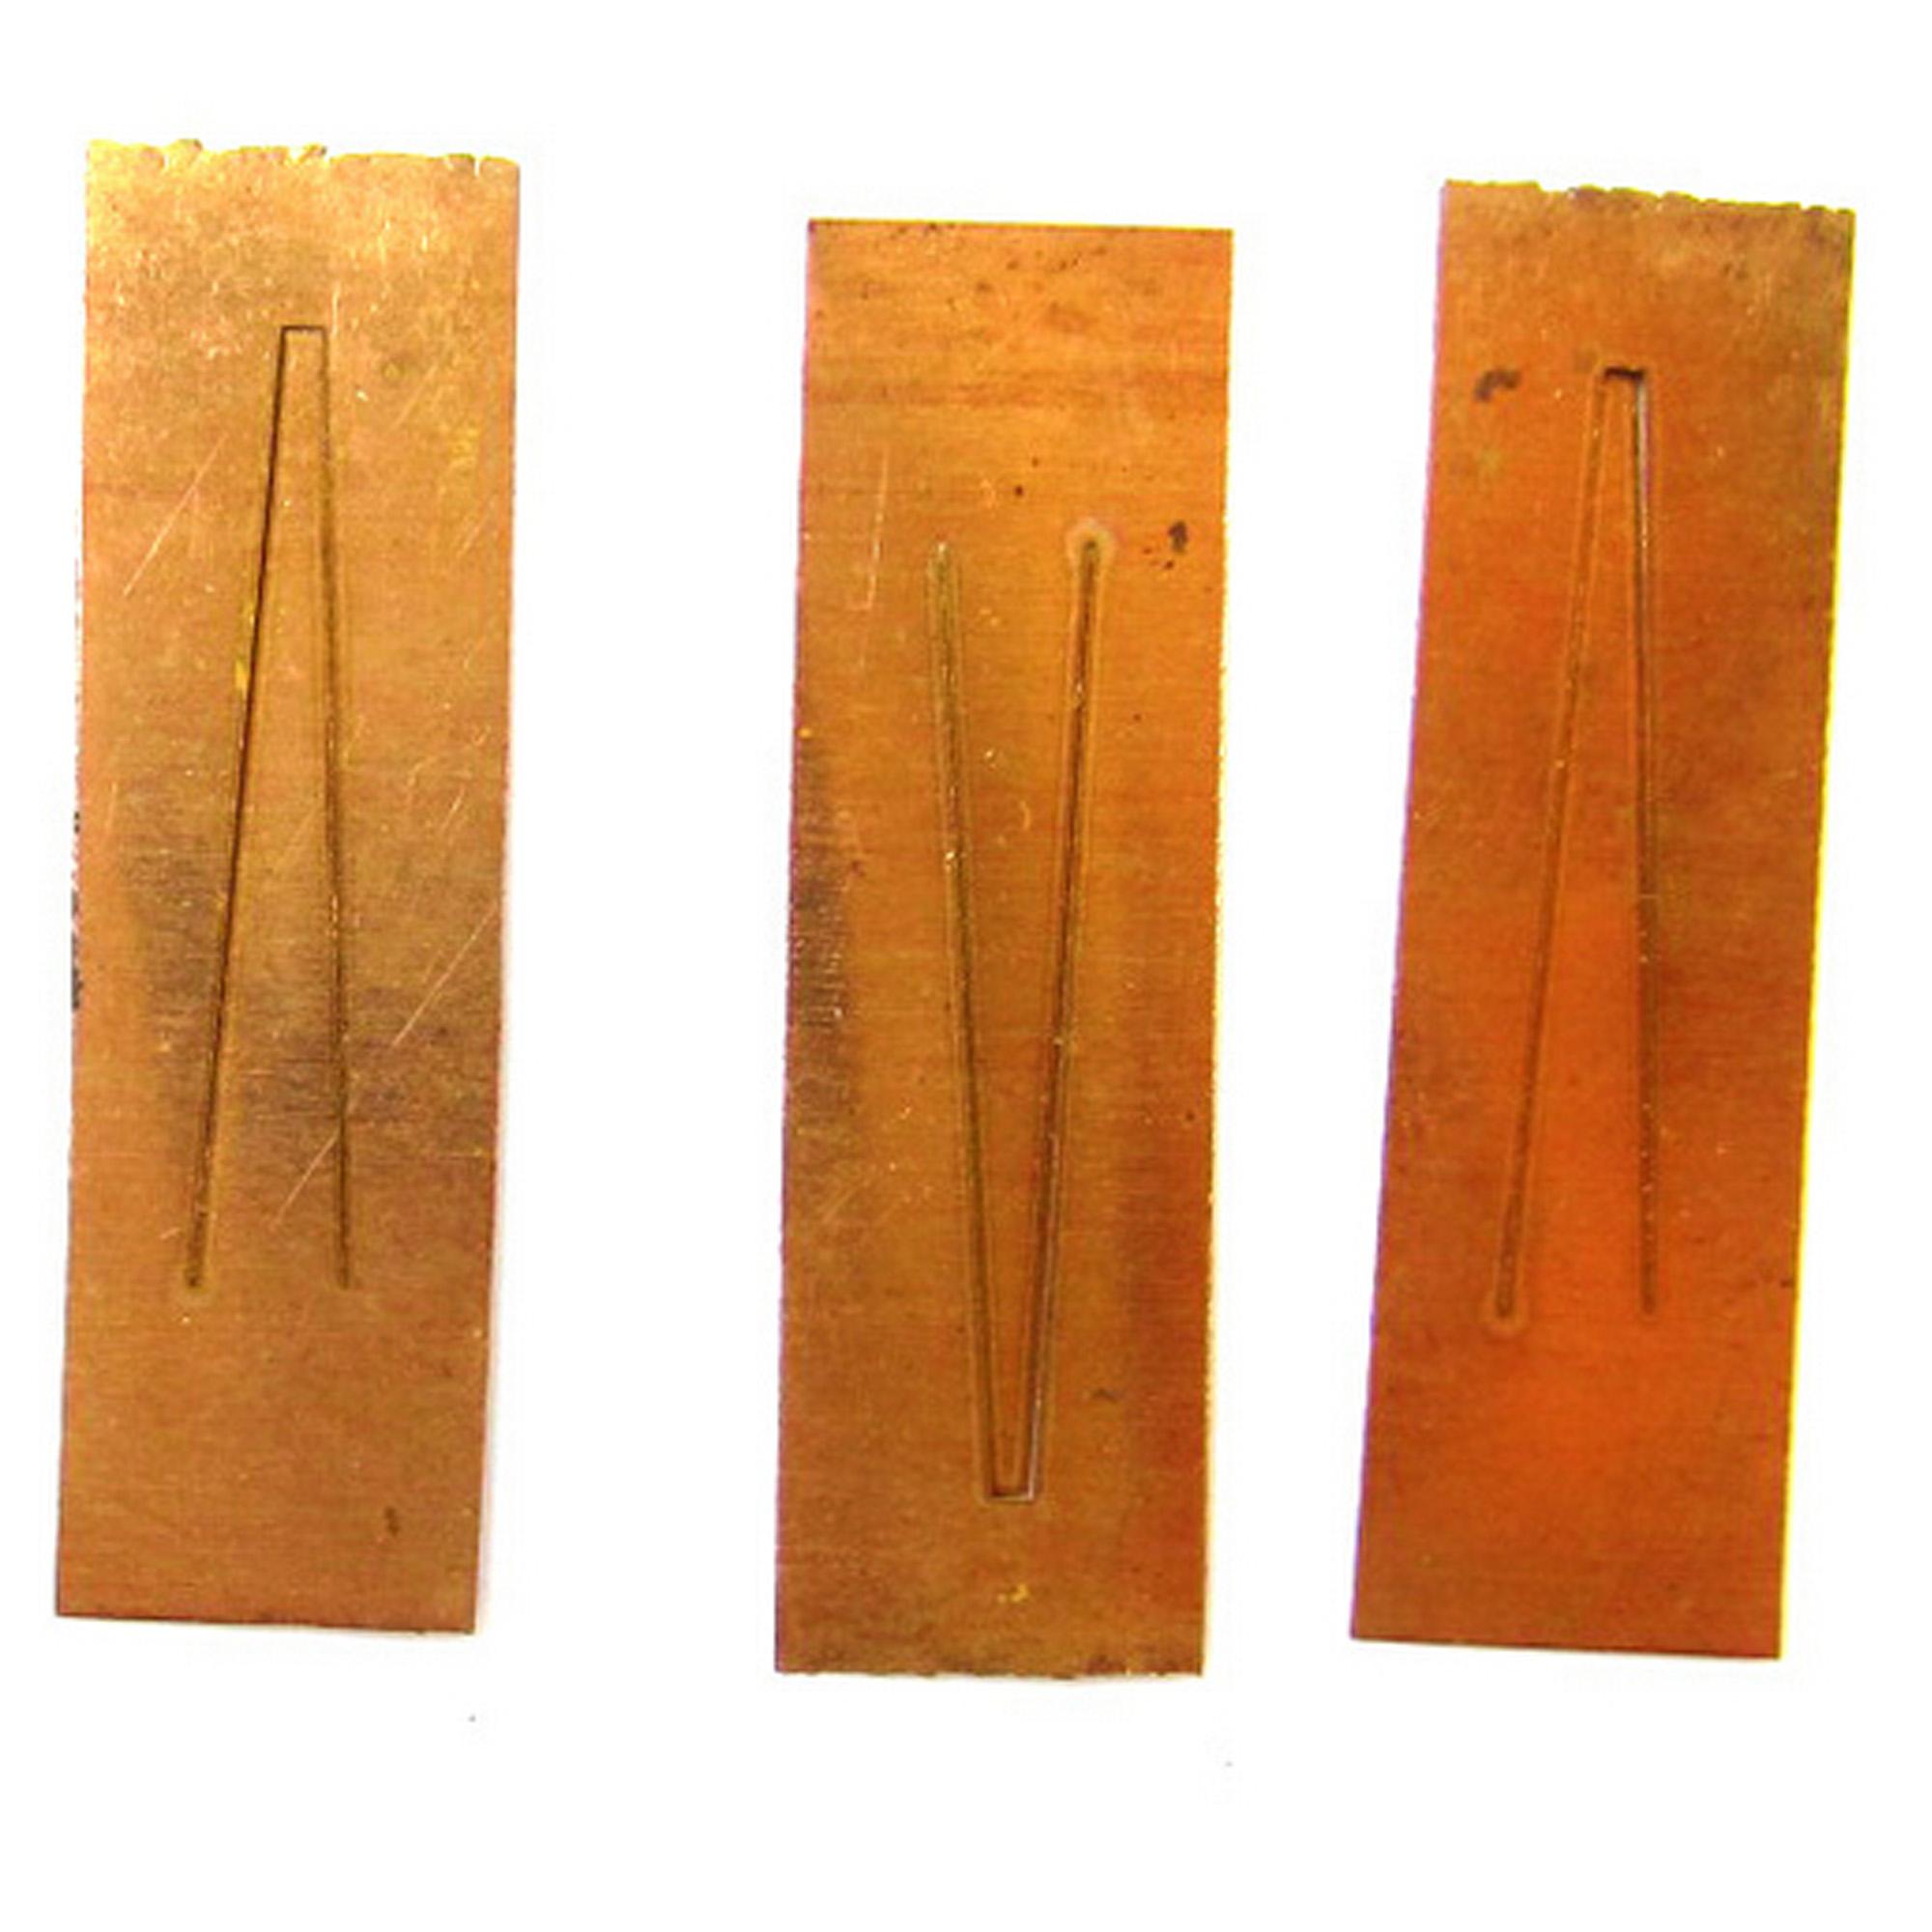 各调簧片定制 G F D C B A 簧片磷铜簧片响铜铜片 芦笙 葫芦丝巴乌